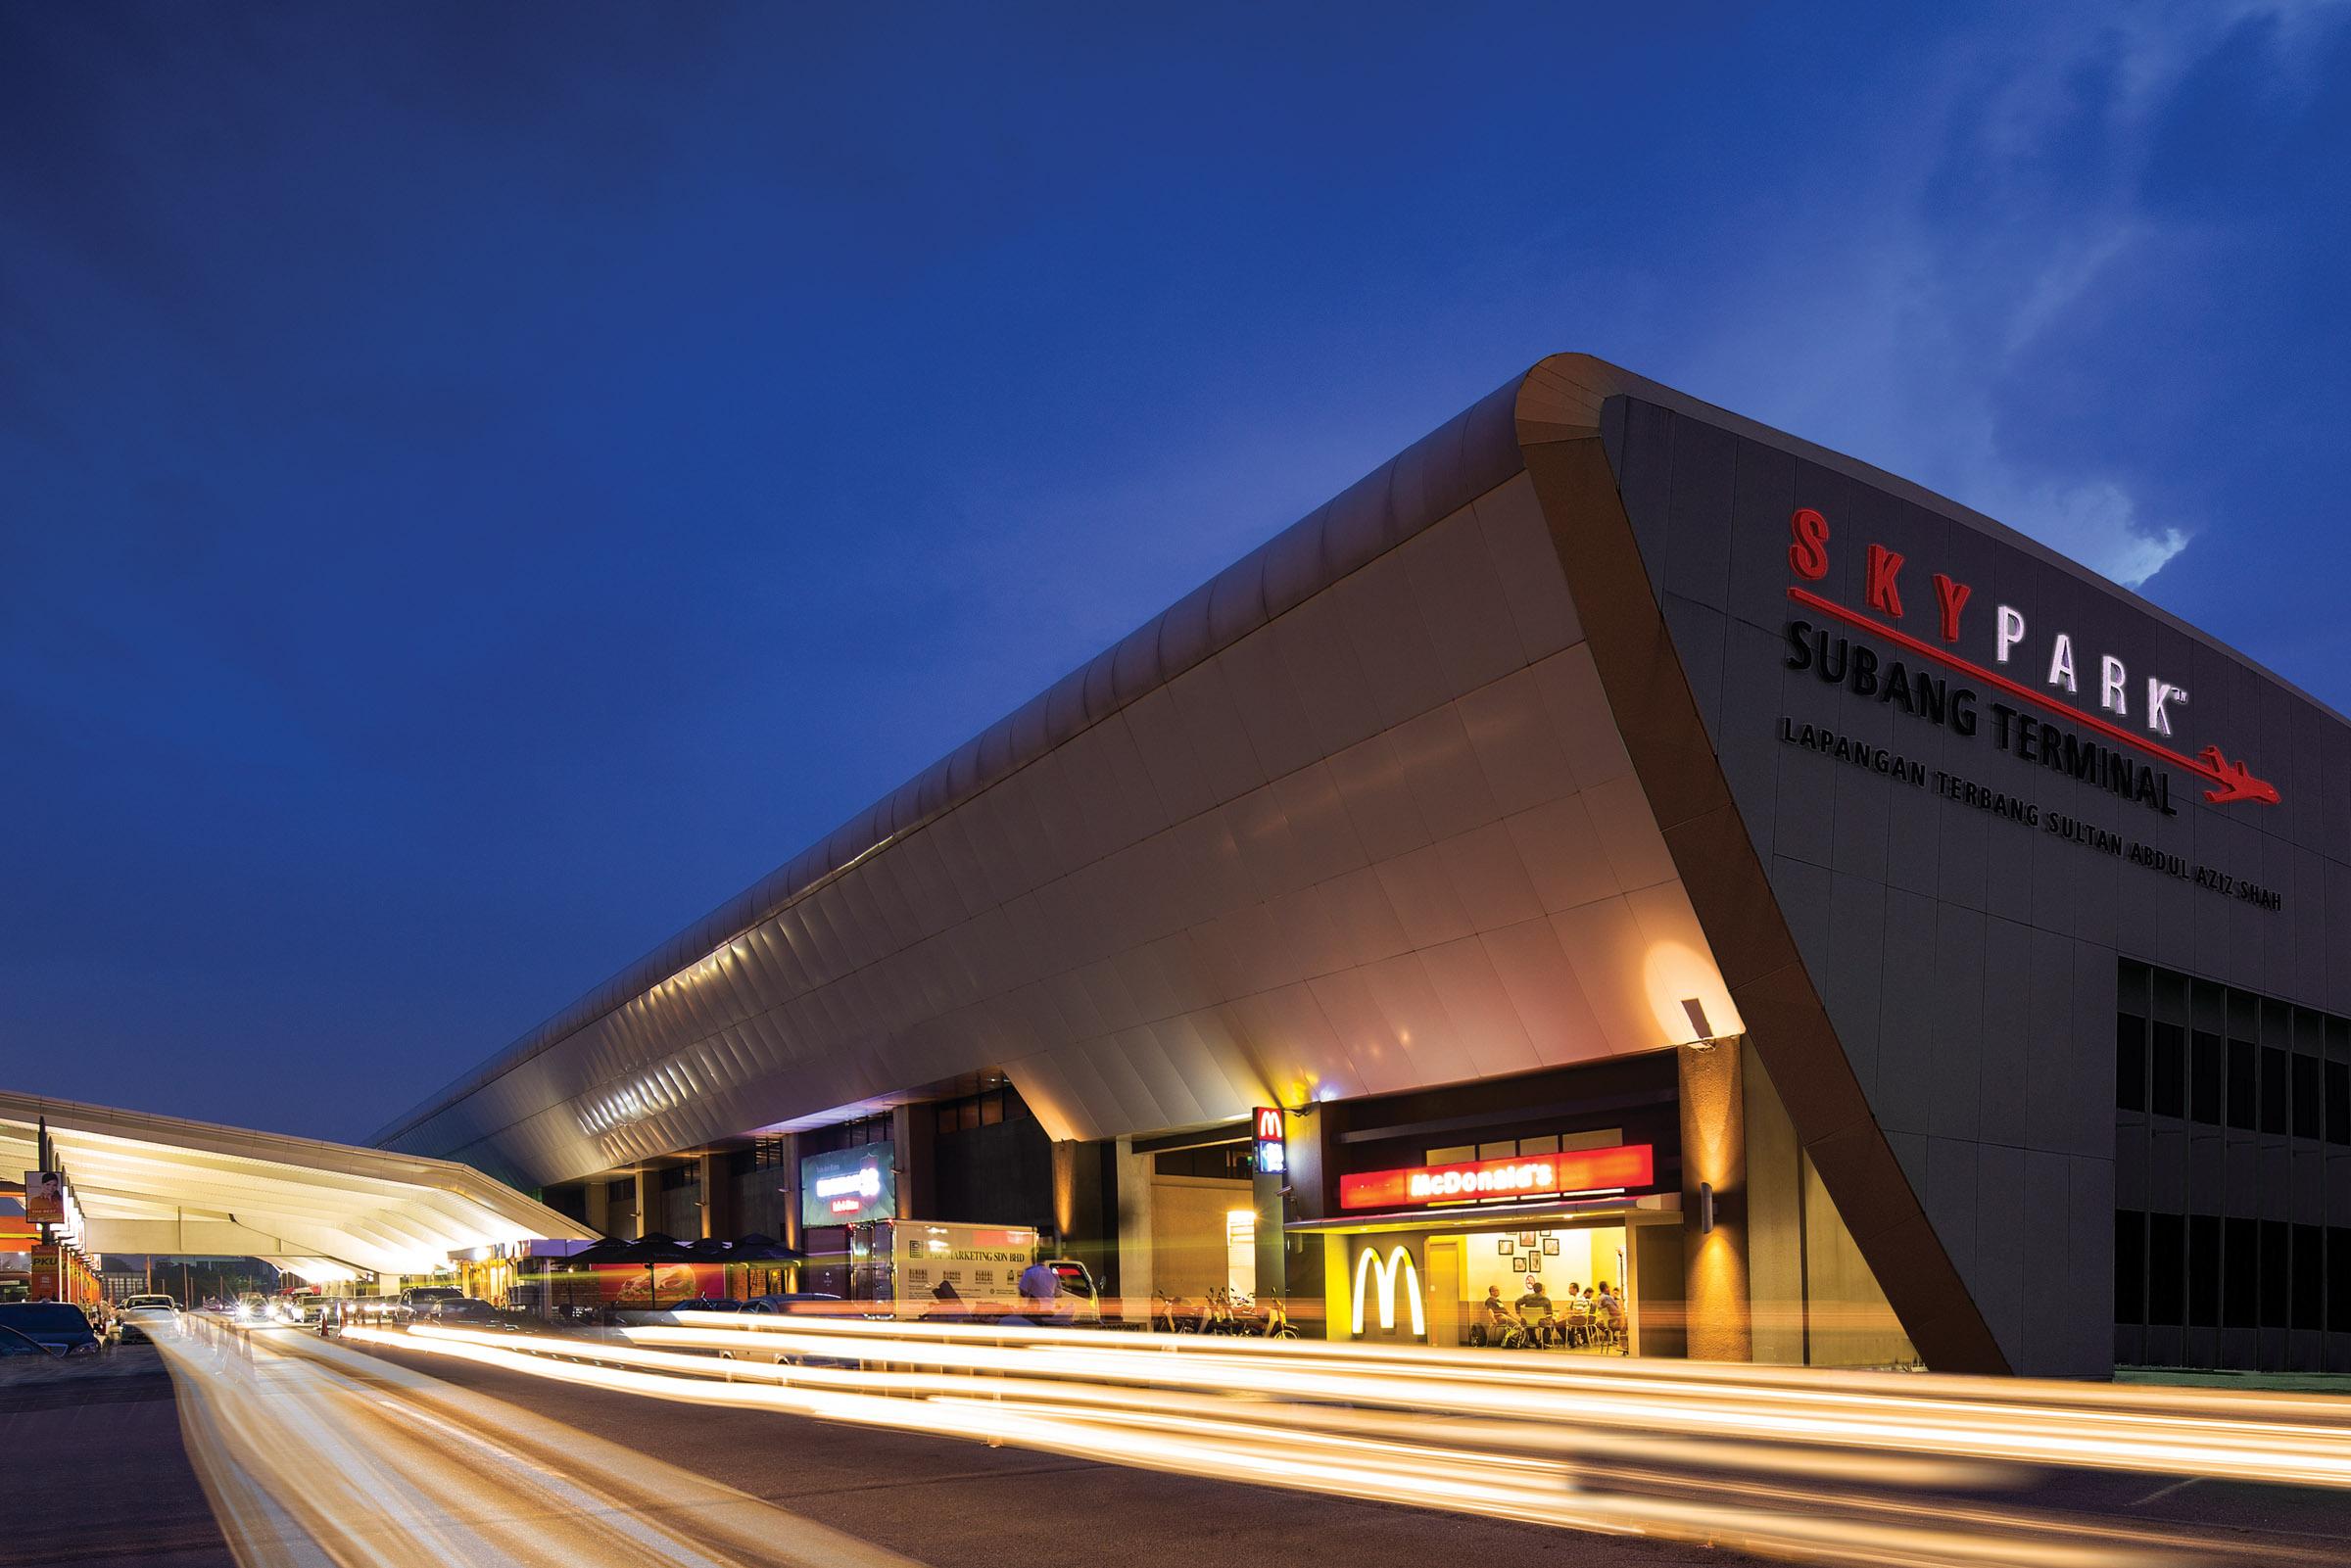 We prefer Subang Airport than KLIA/KLIA2, tbh.